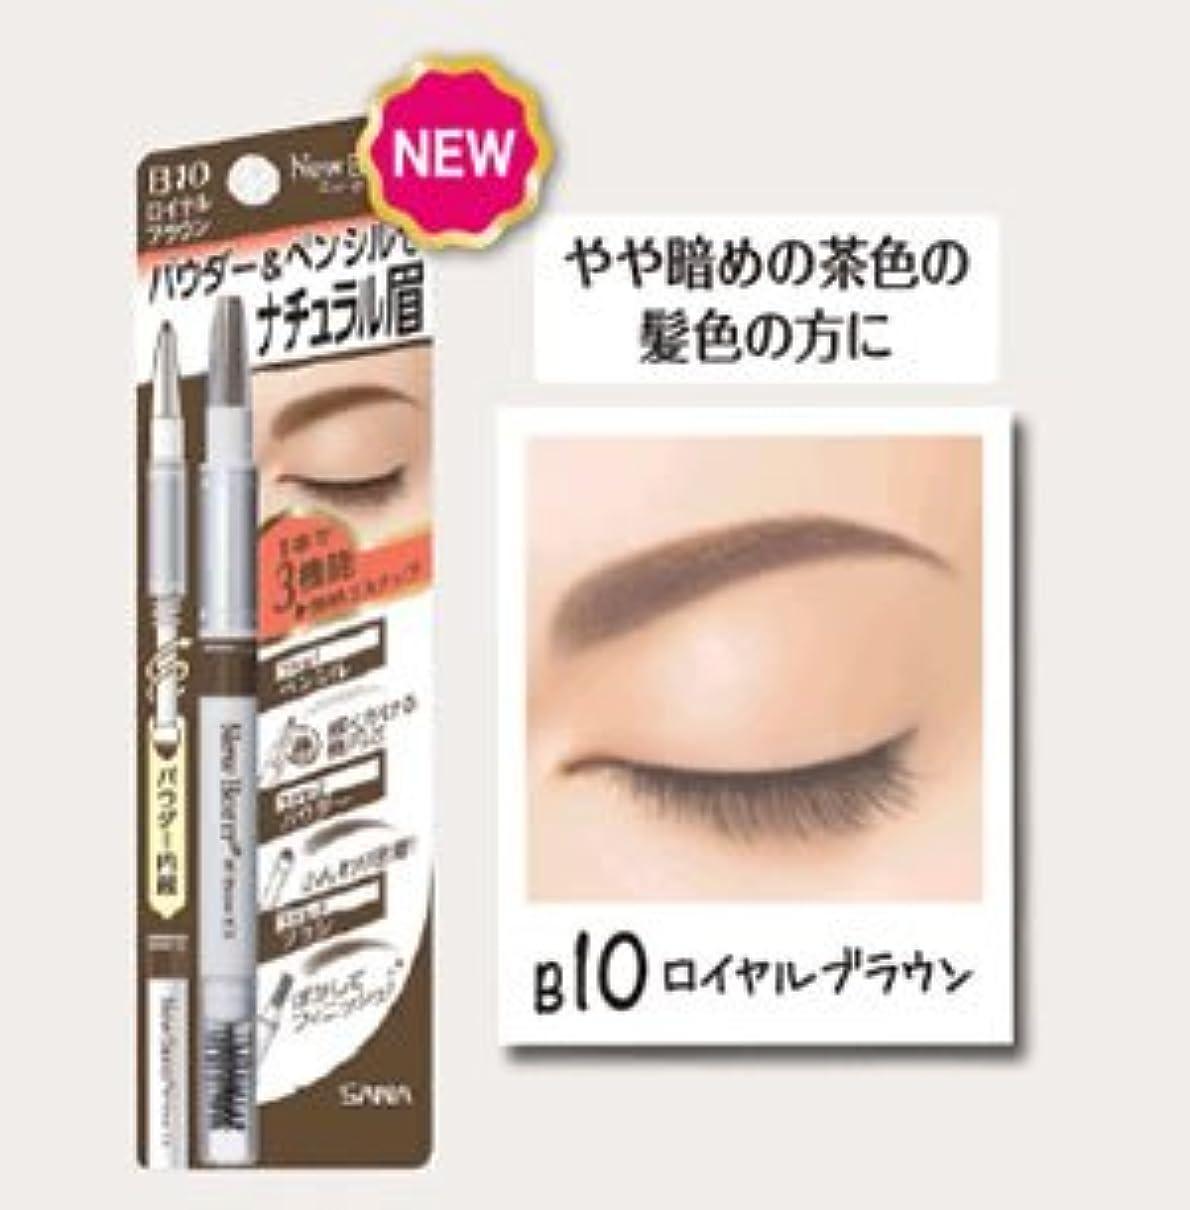 品広告する持続的サナ(SANA)ニューボーン WブロウEX B10(ロイヤルブラウン)